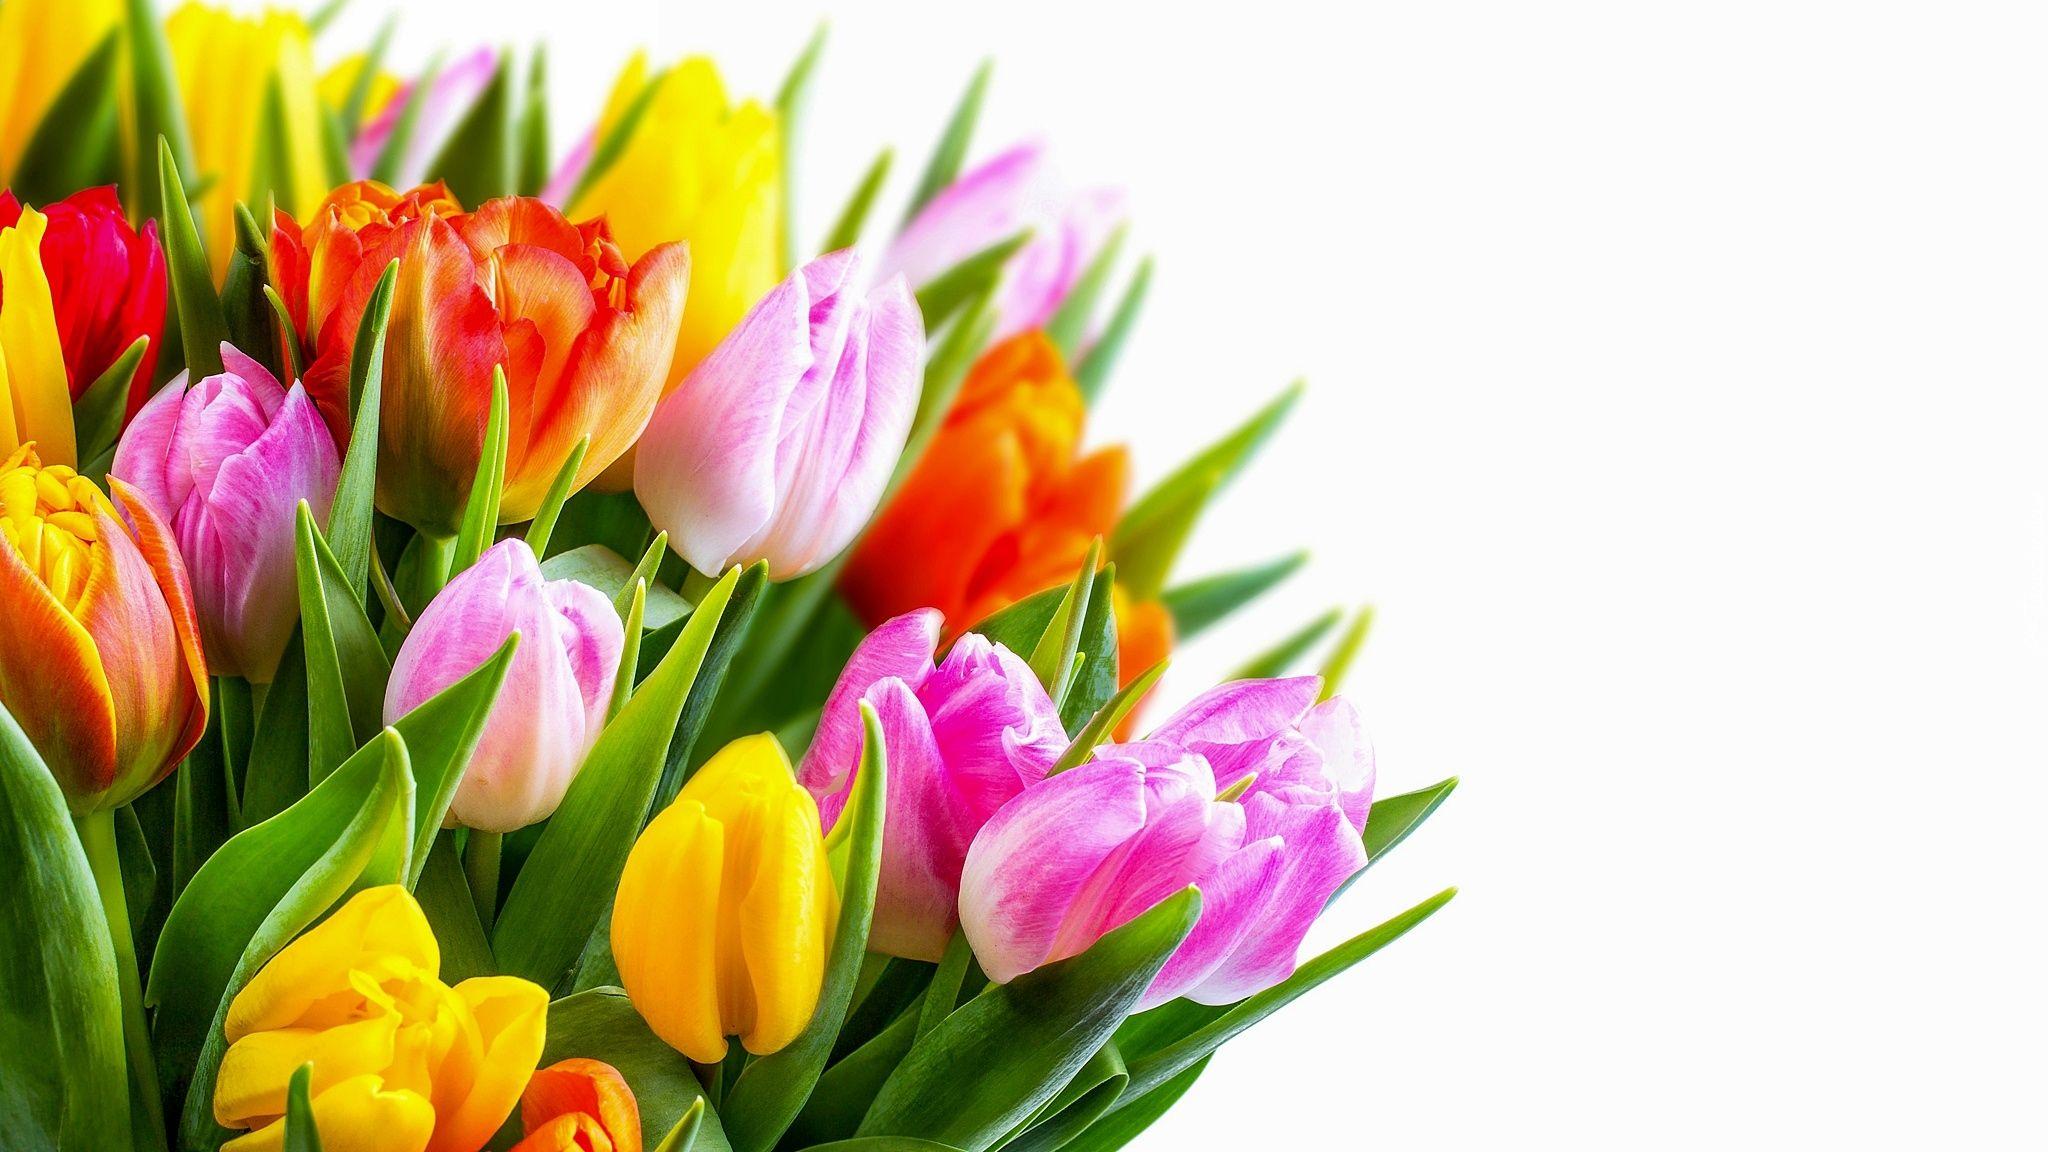 Kwiaty Bukiet Kolorowe Tulipany Biale Tlo Beautiful Flowers Wallpapers Beautiful Flowers Spring Flowers